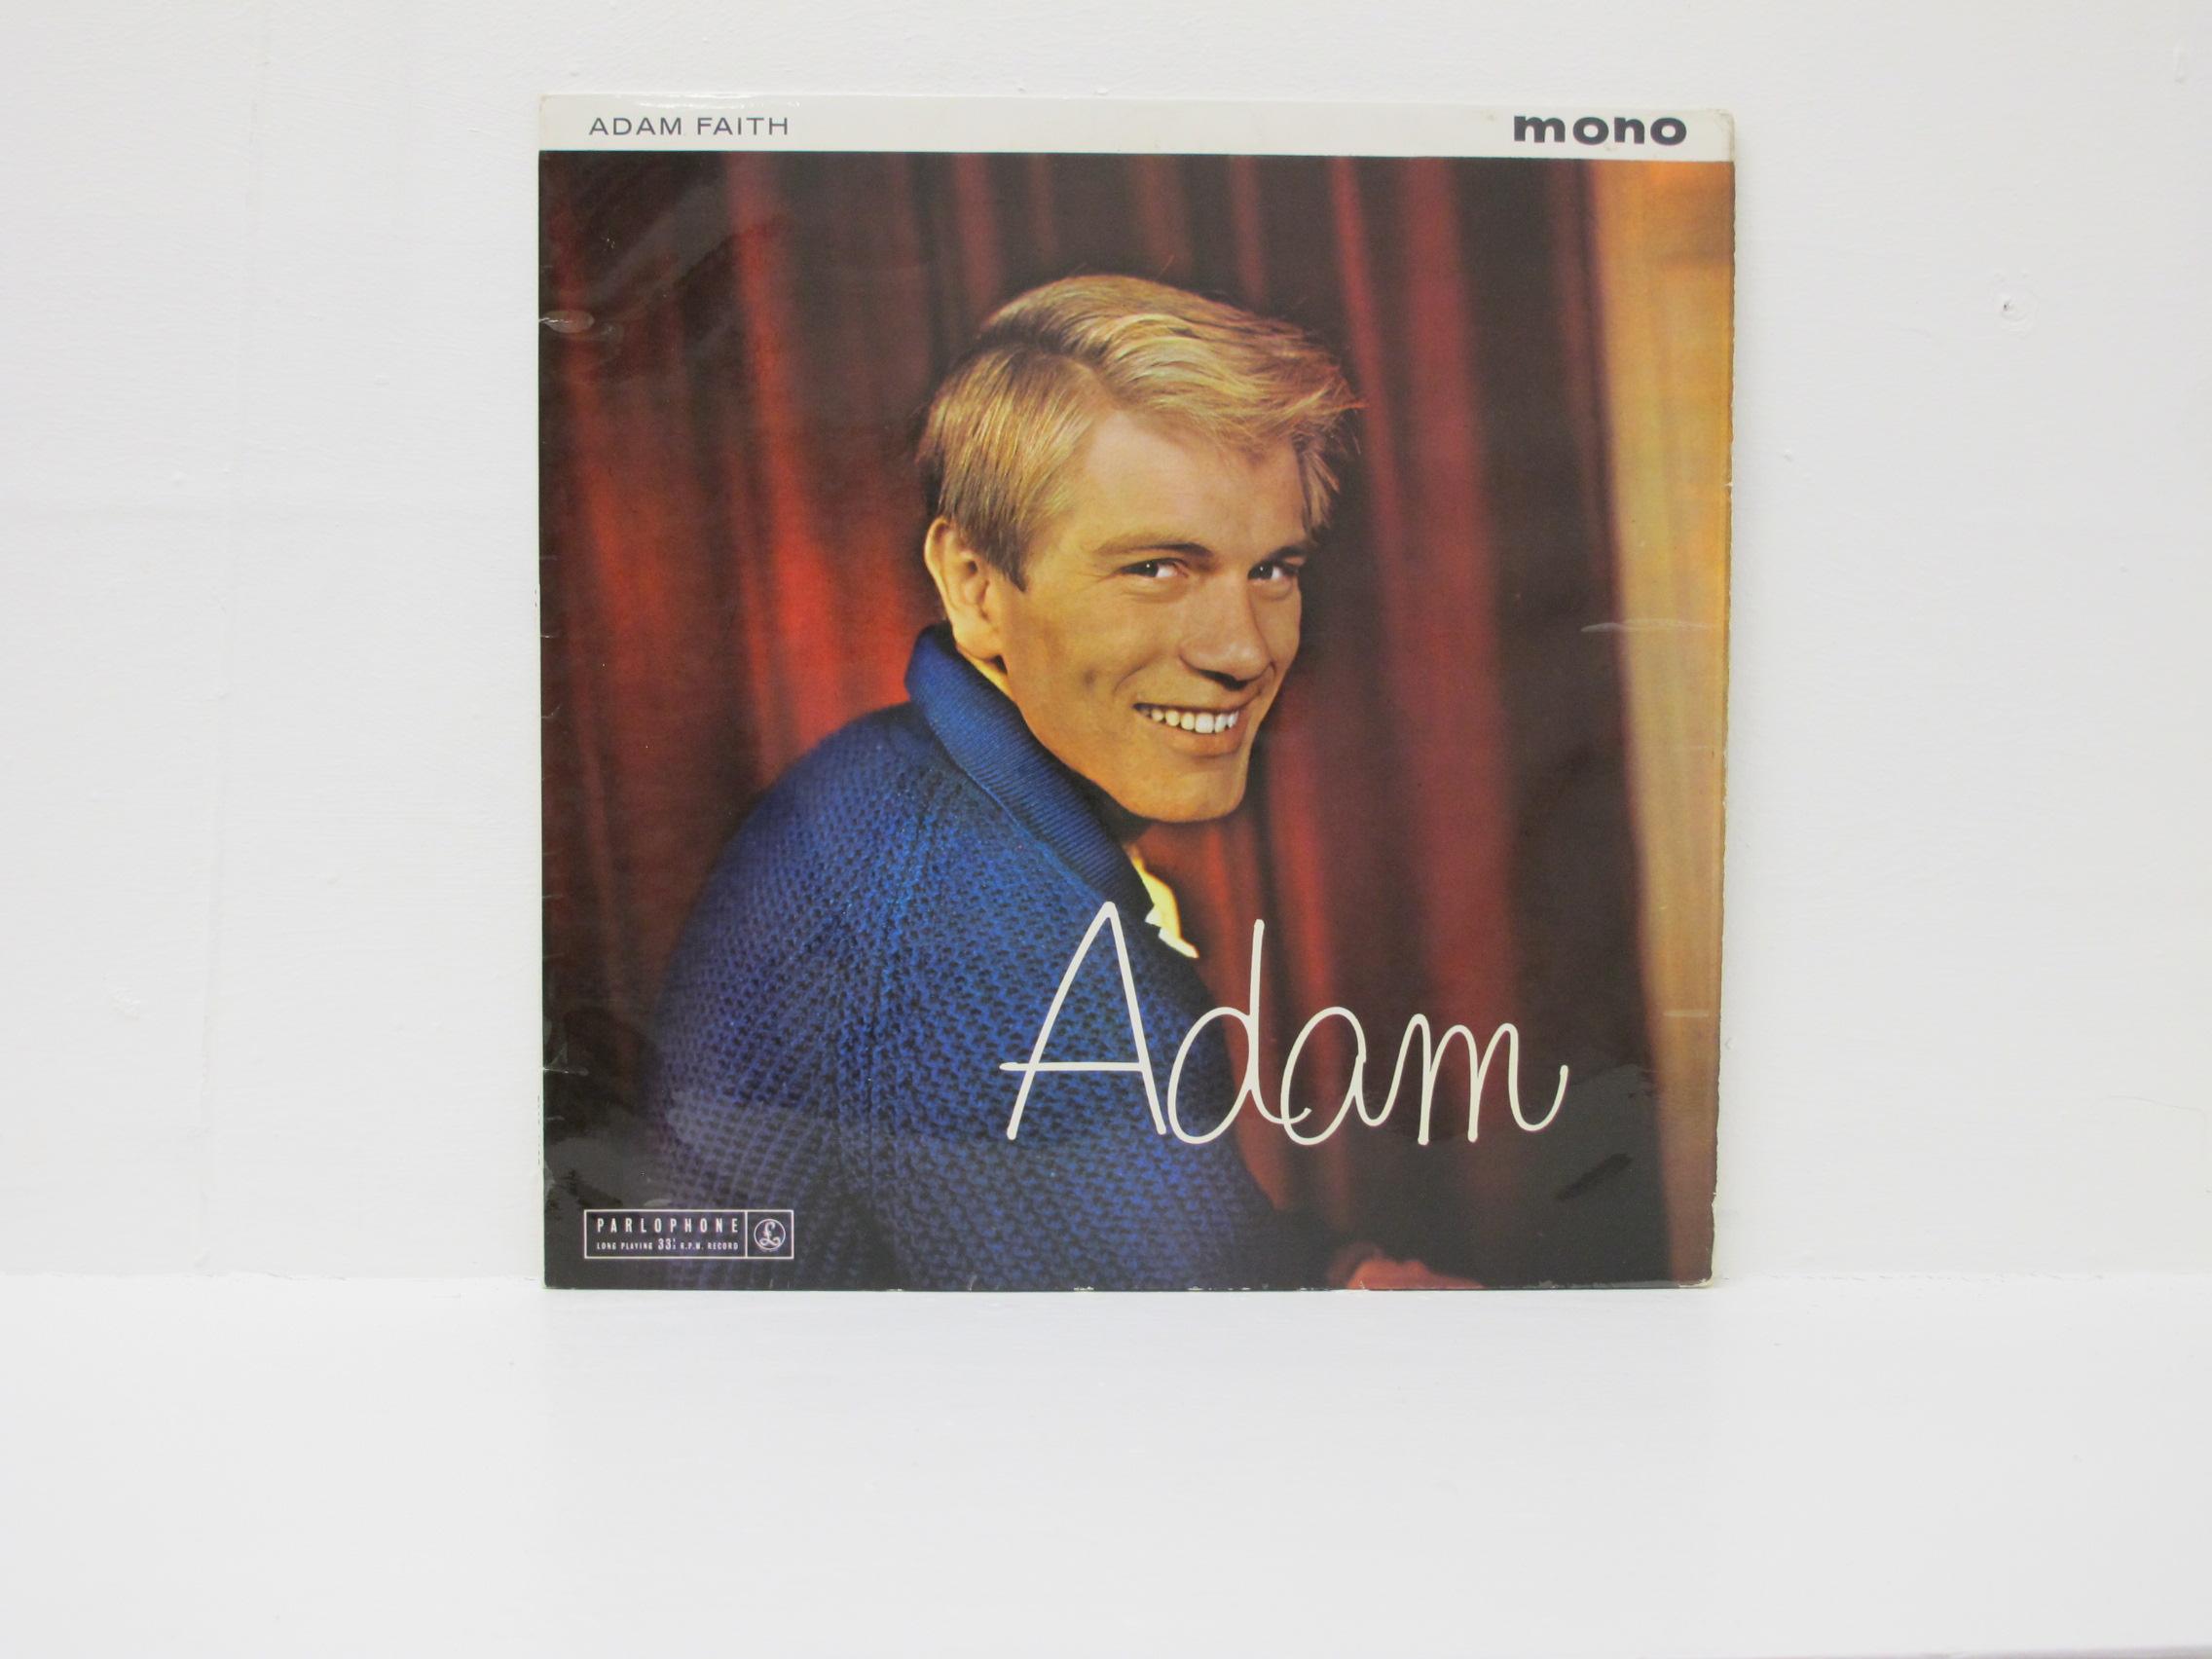 Adam Faith - Adam